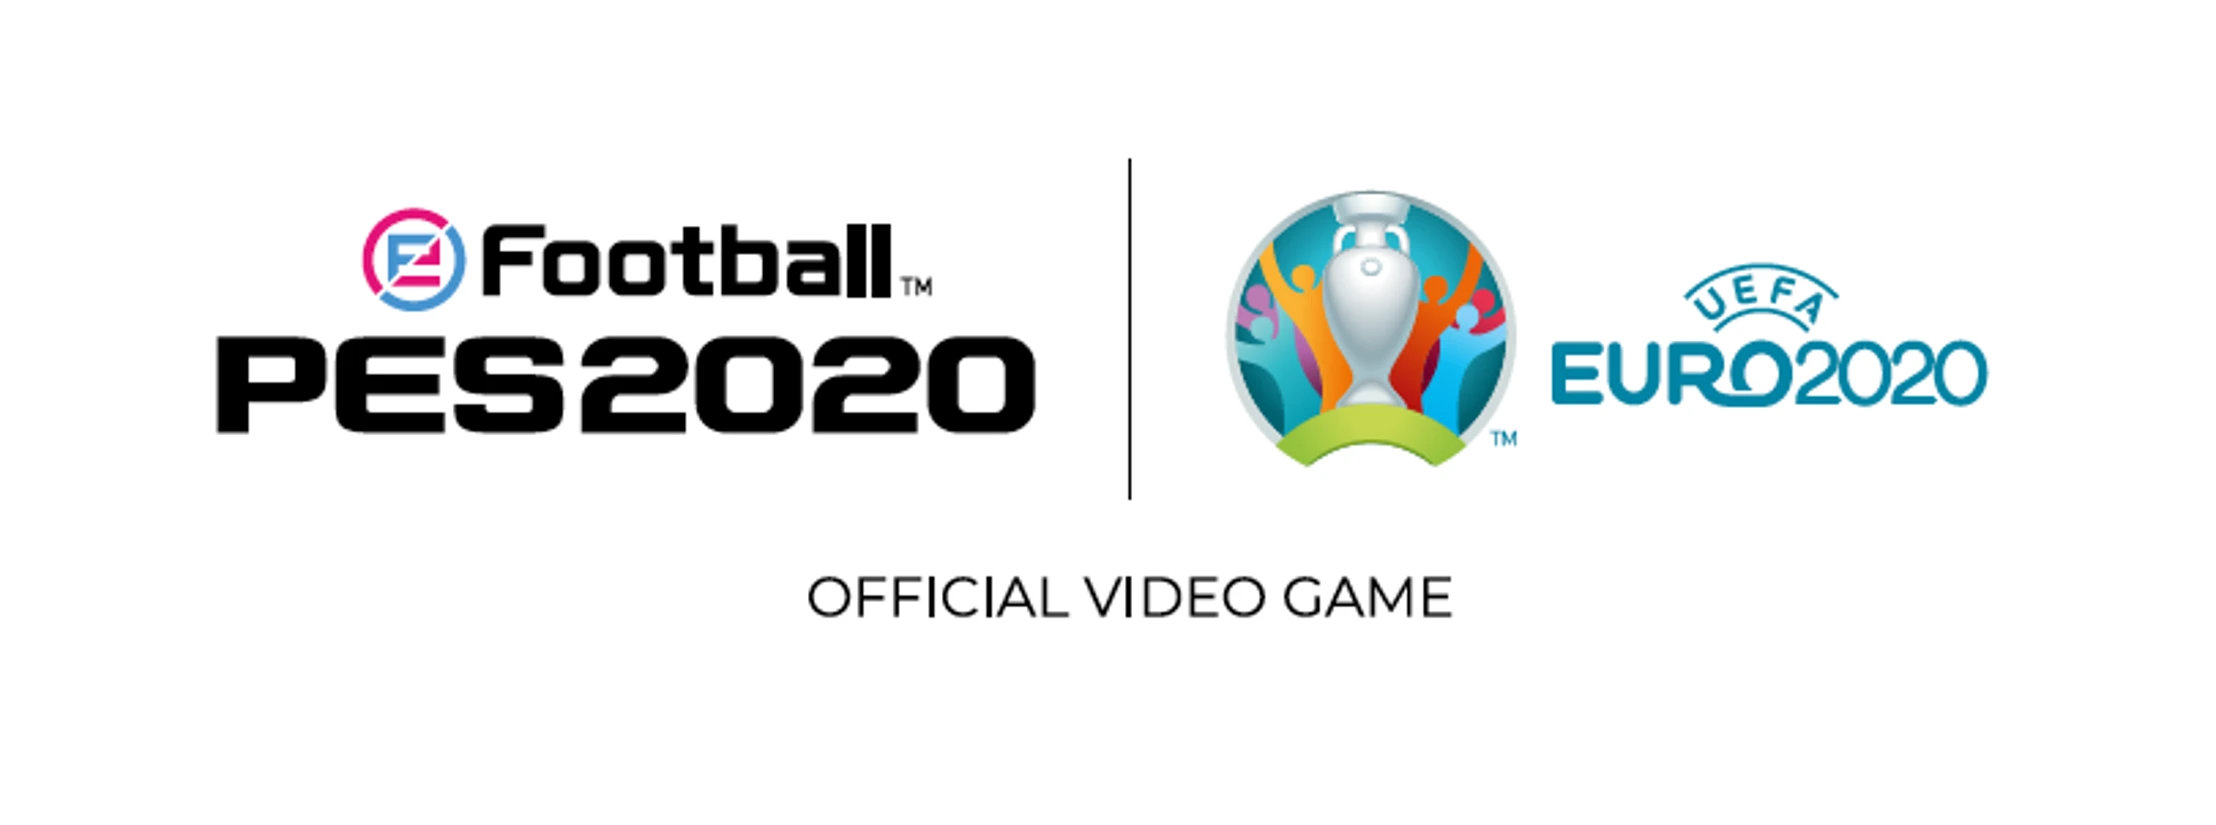 """eFootball PES 2020"""": Konami verschiebt das Update zur UEFA Euro 2020"""